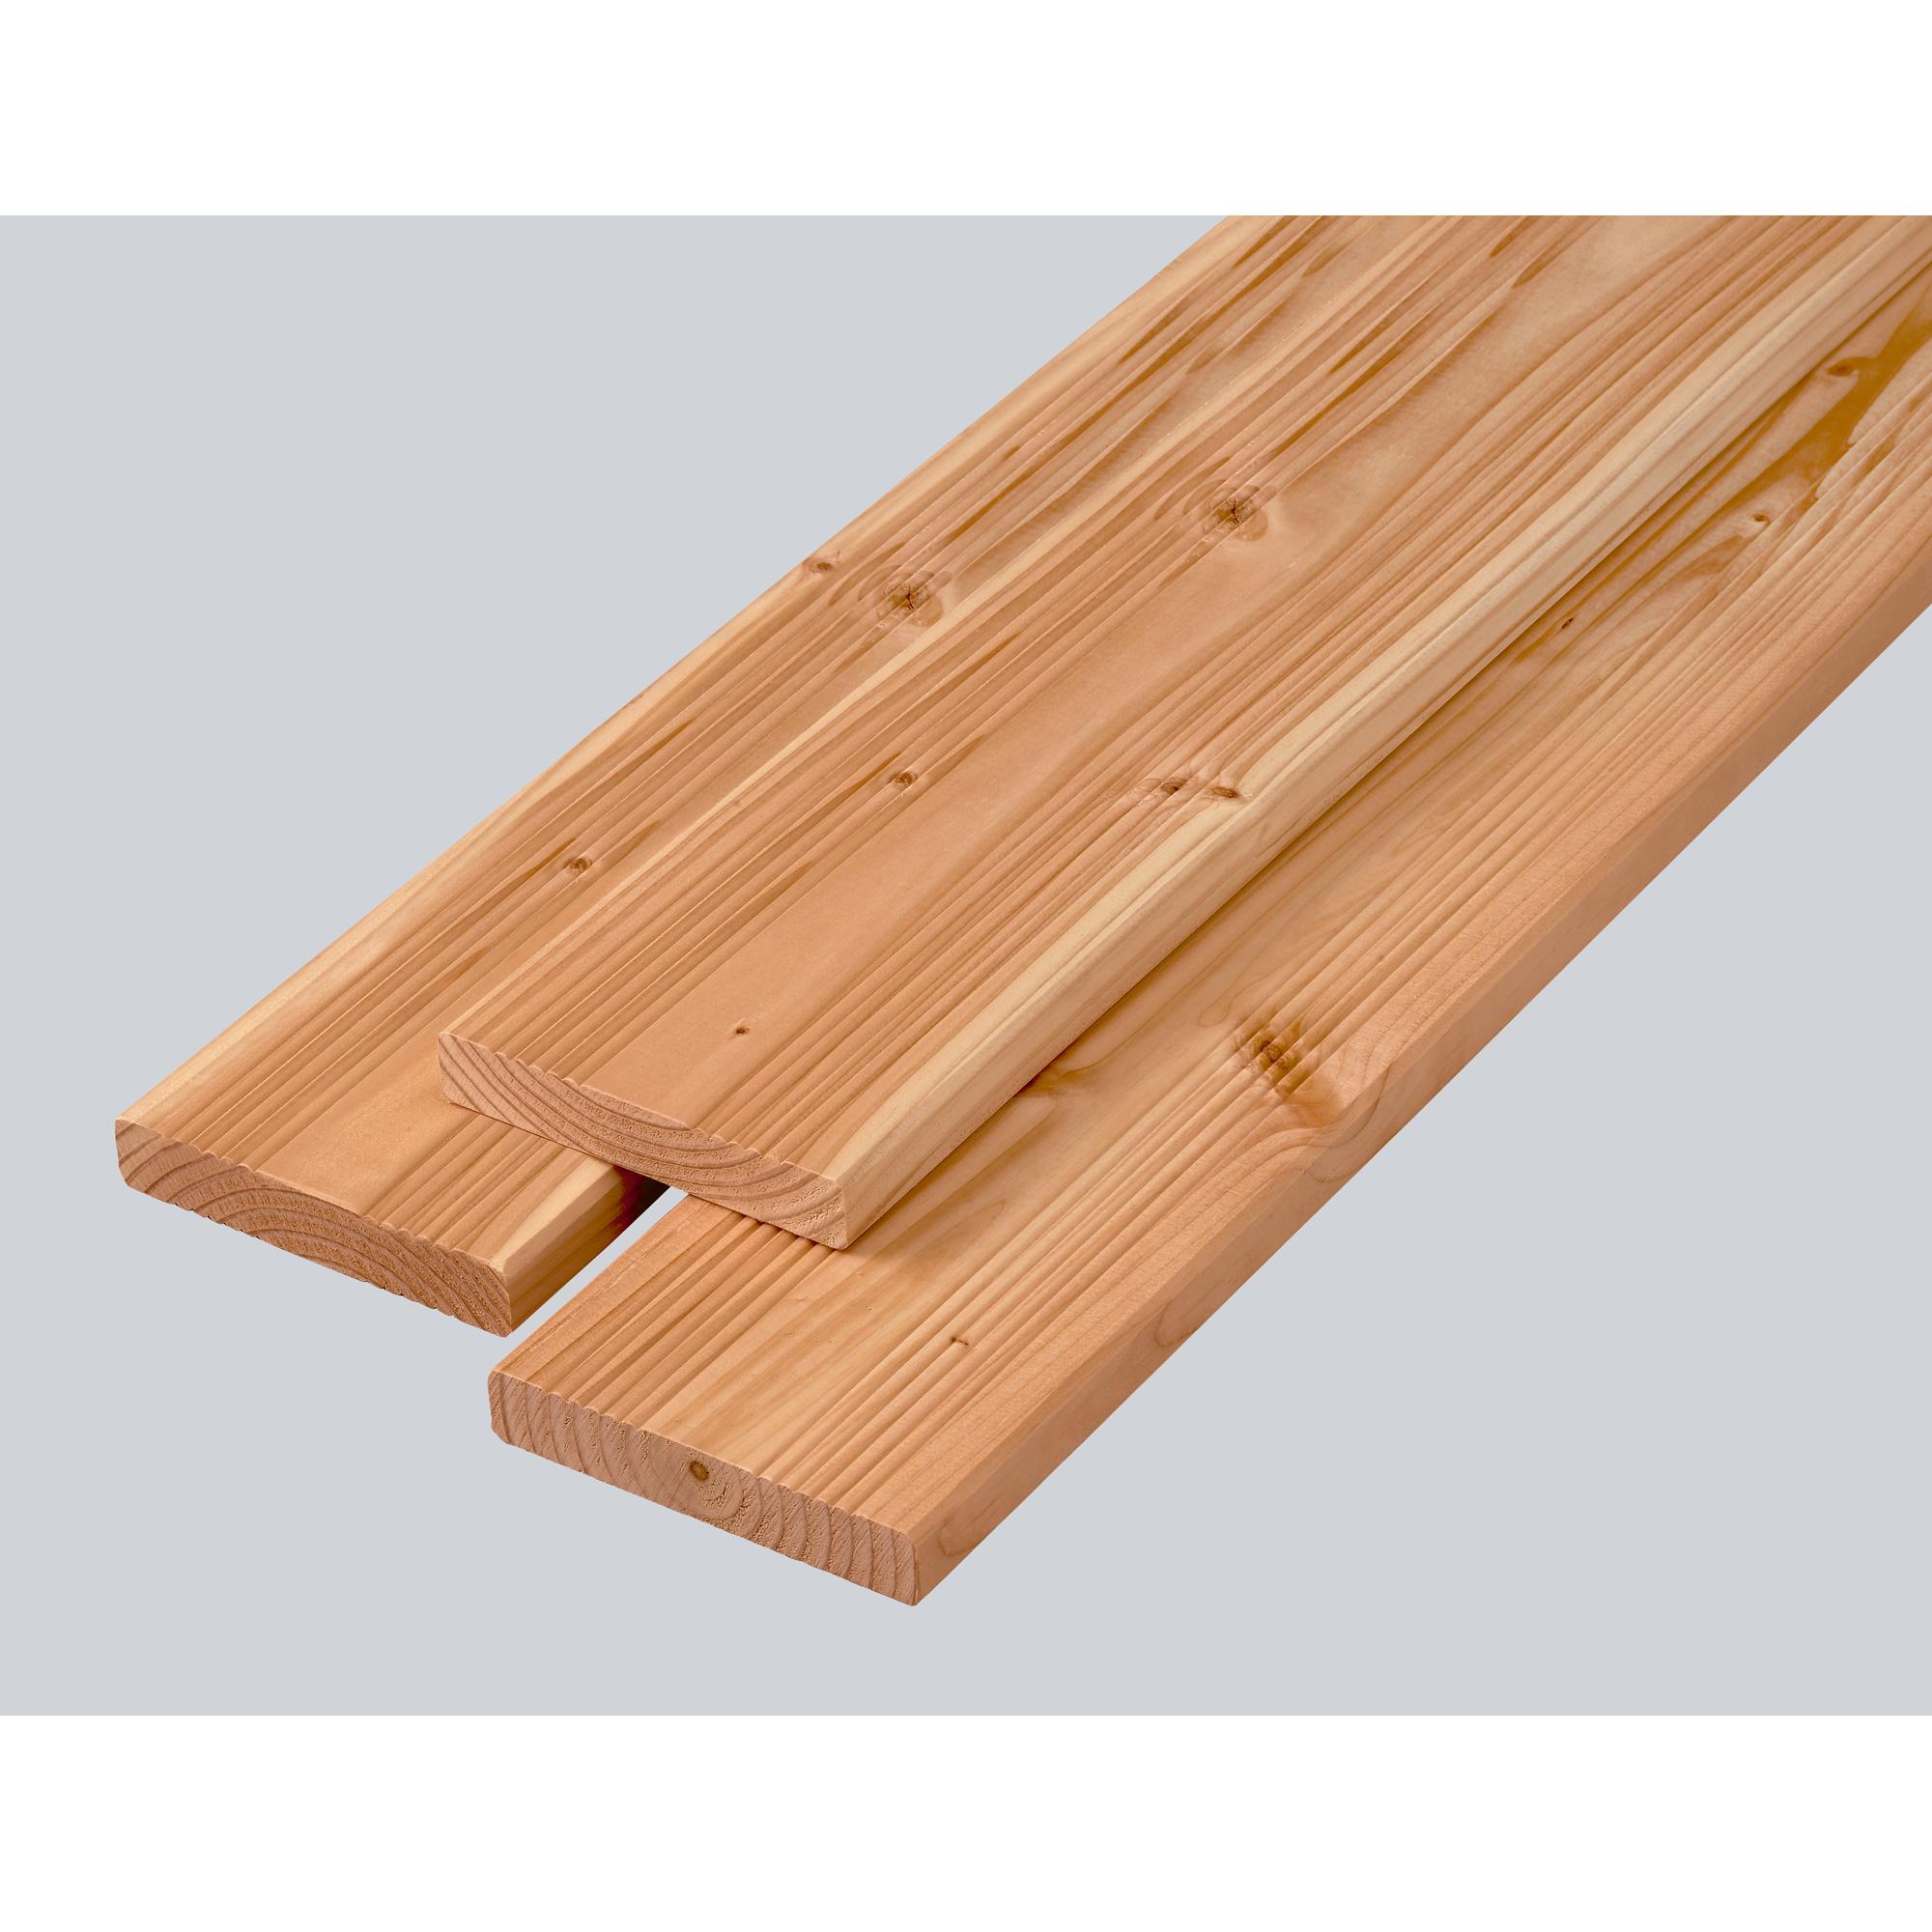 Rettenmeier Do it Wood Mehrzweckbrett NH beidseitig teilgeriffelt,  mediterran 8 x 8,8 x 8,8 cm